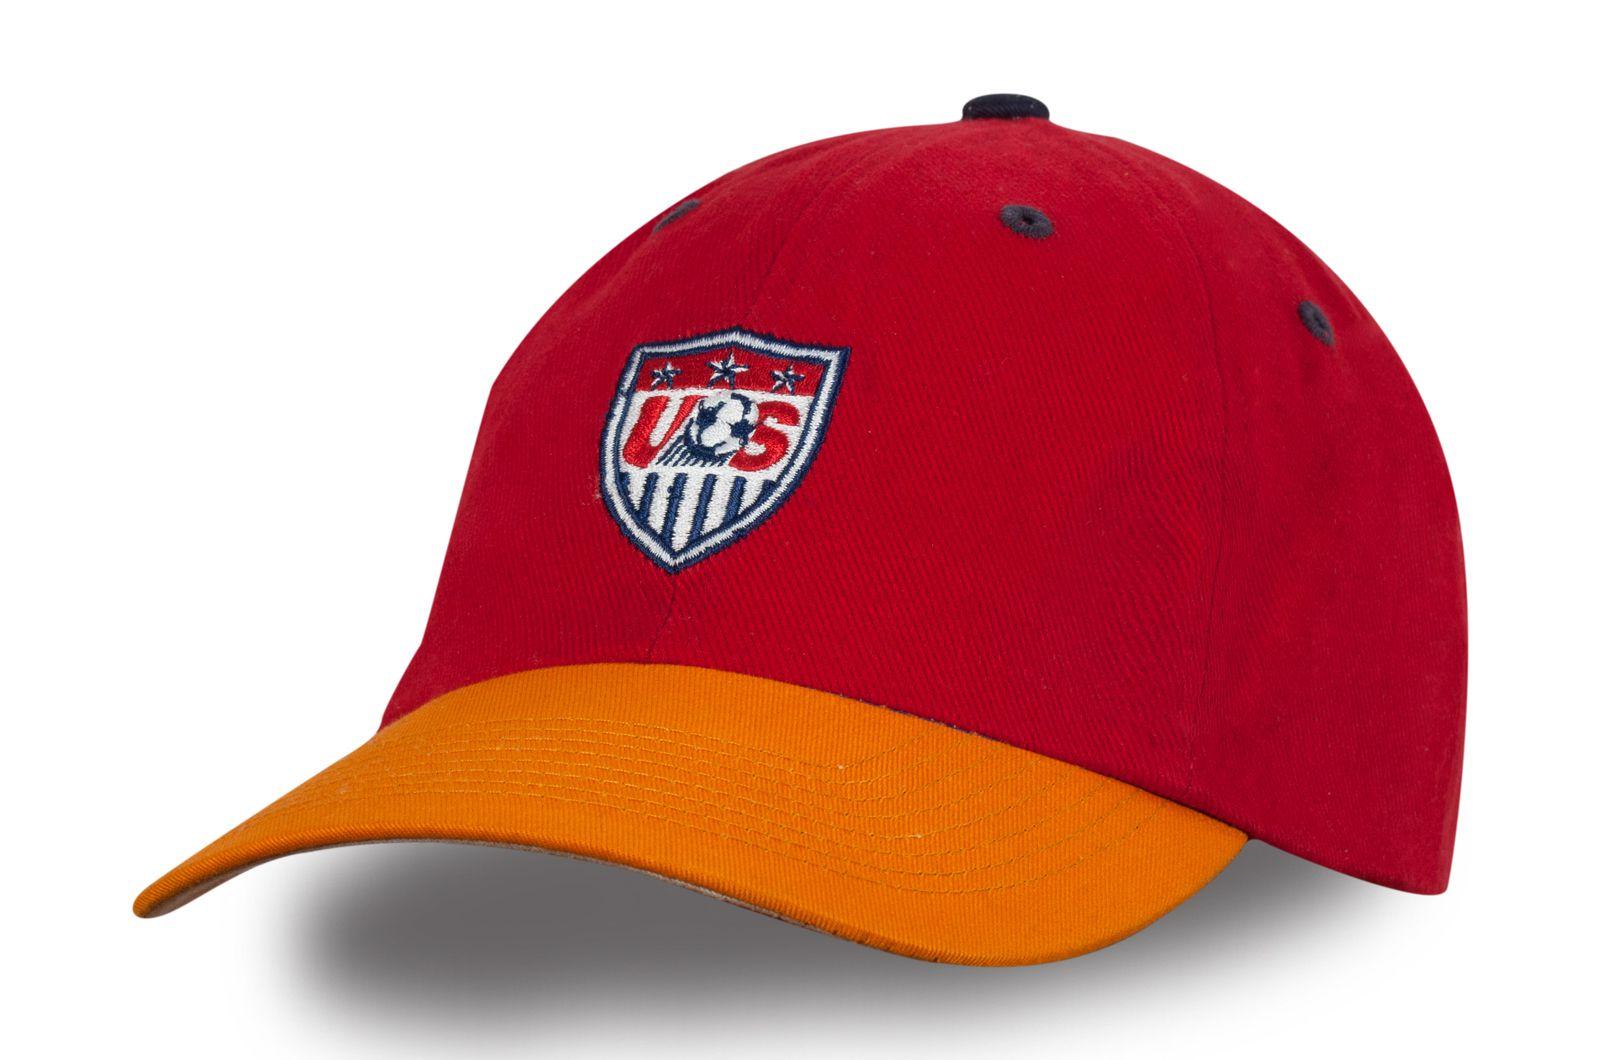 Бейсболка со спортивным логотипом   Купить спортивные бейсболки